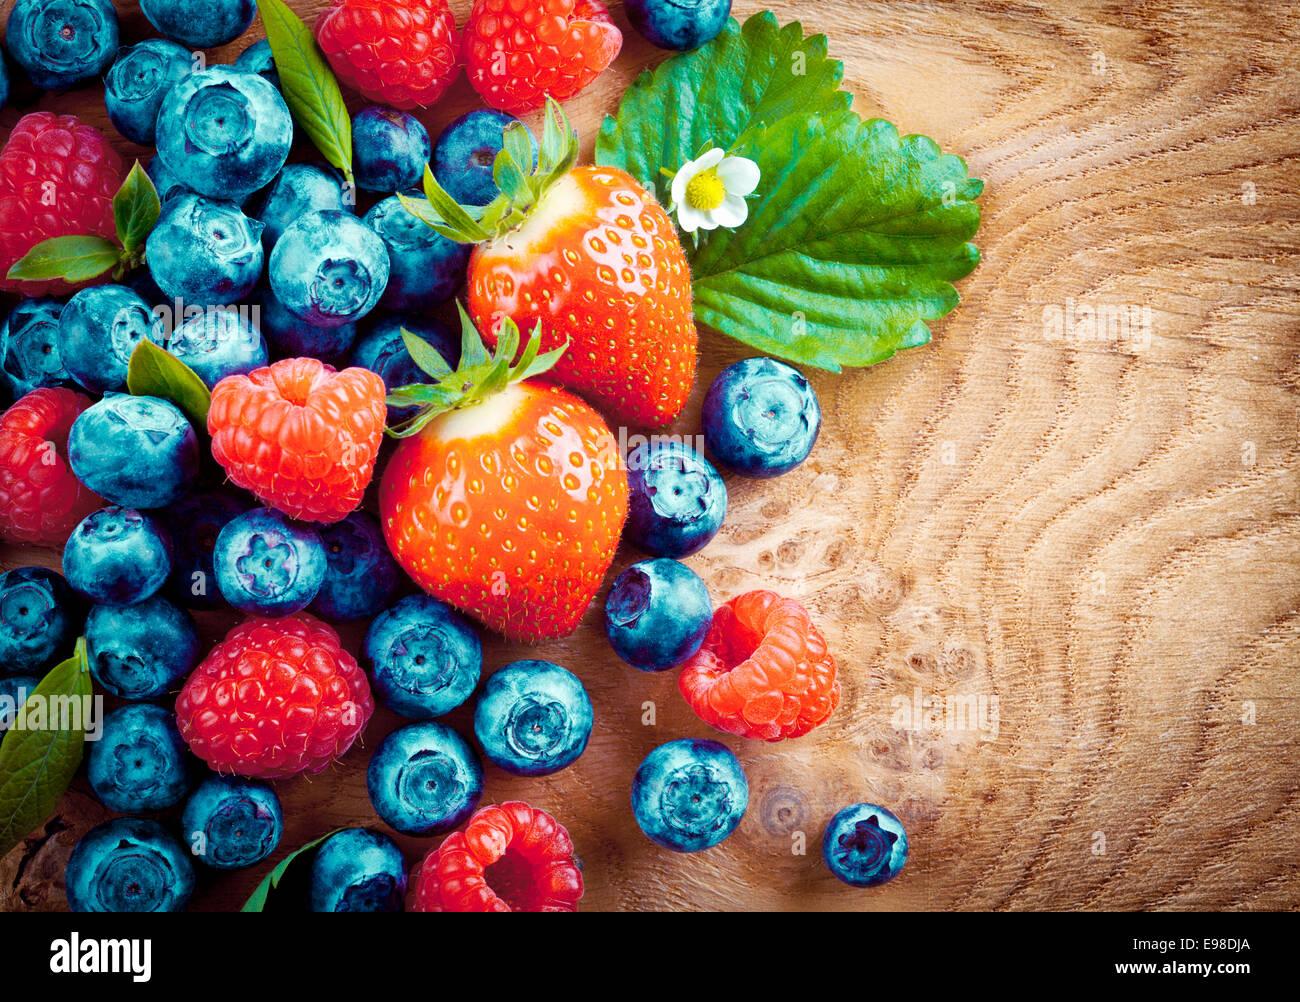 Vista aérea de otoño bayas maduras mezcladas incluyendo fresas, frambuesas y arándanos sobre una Imagen De Stock